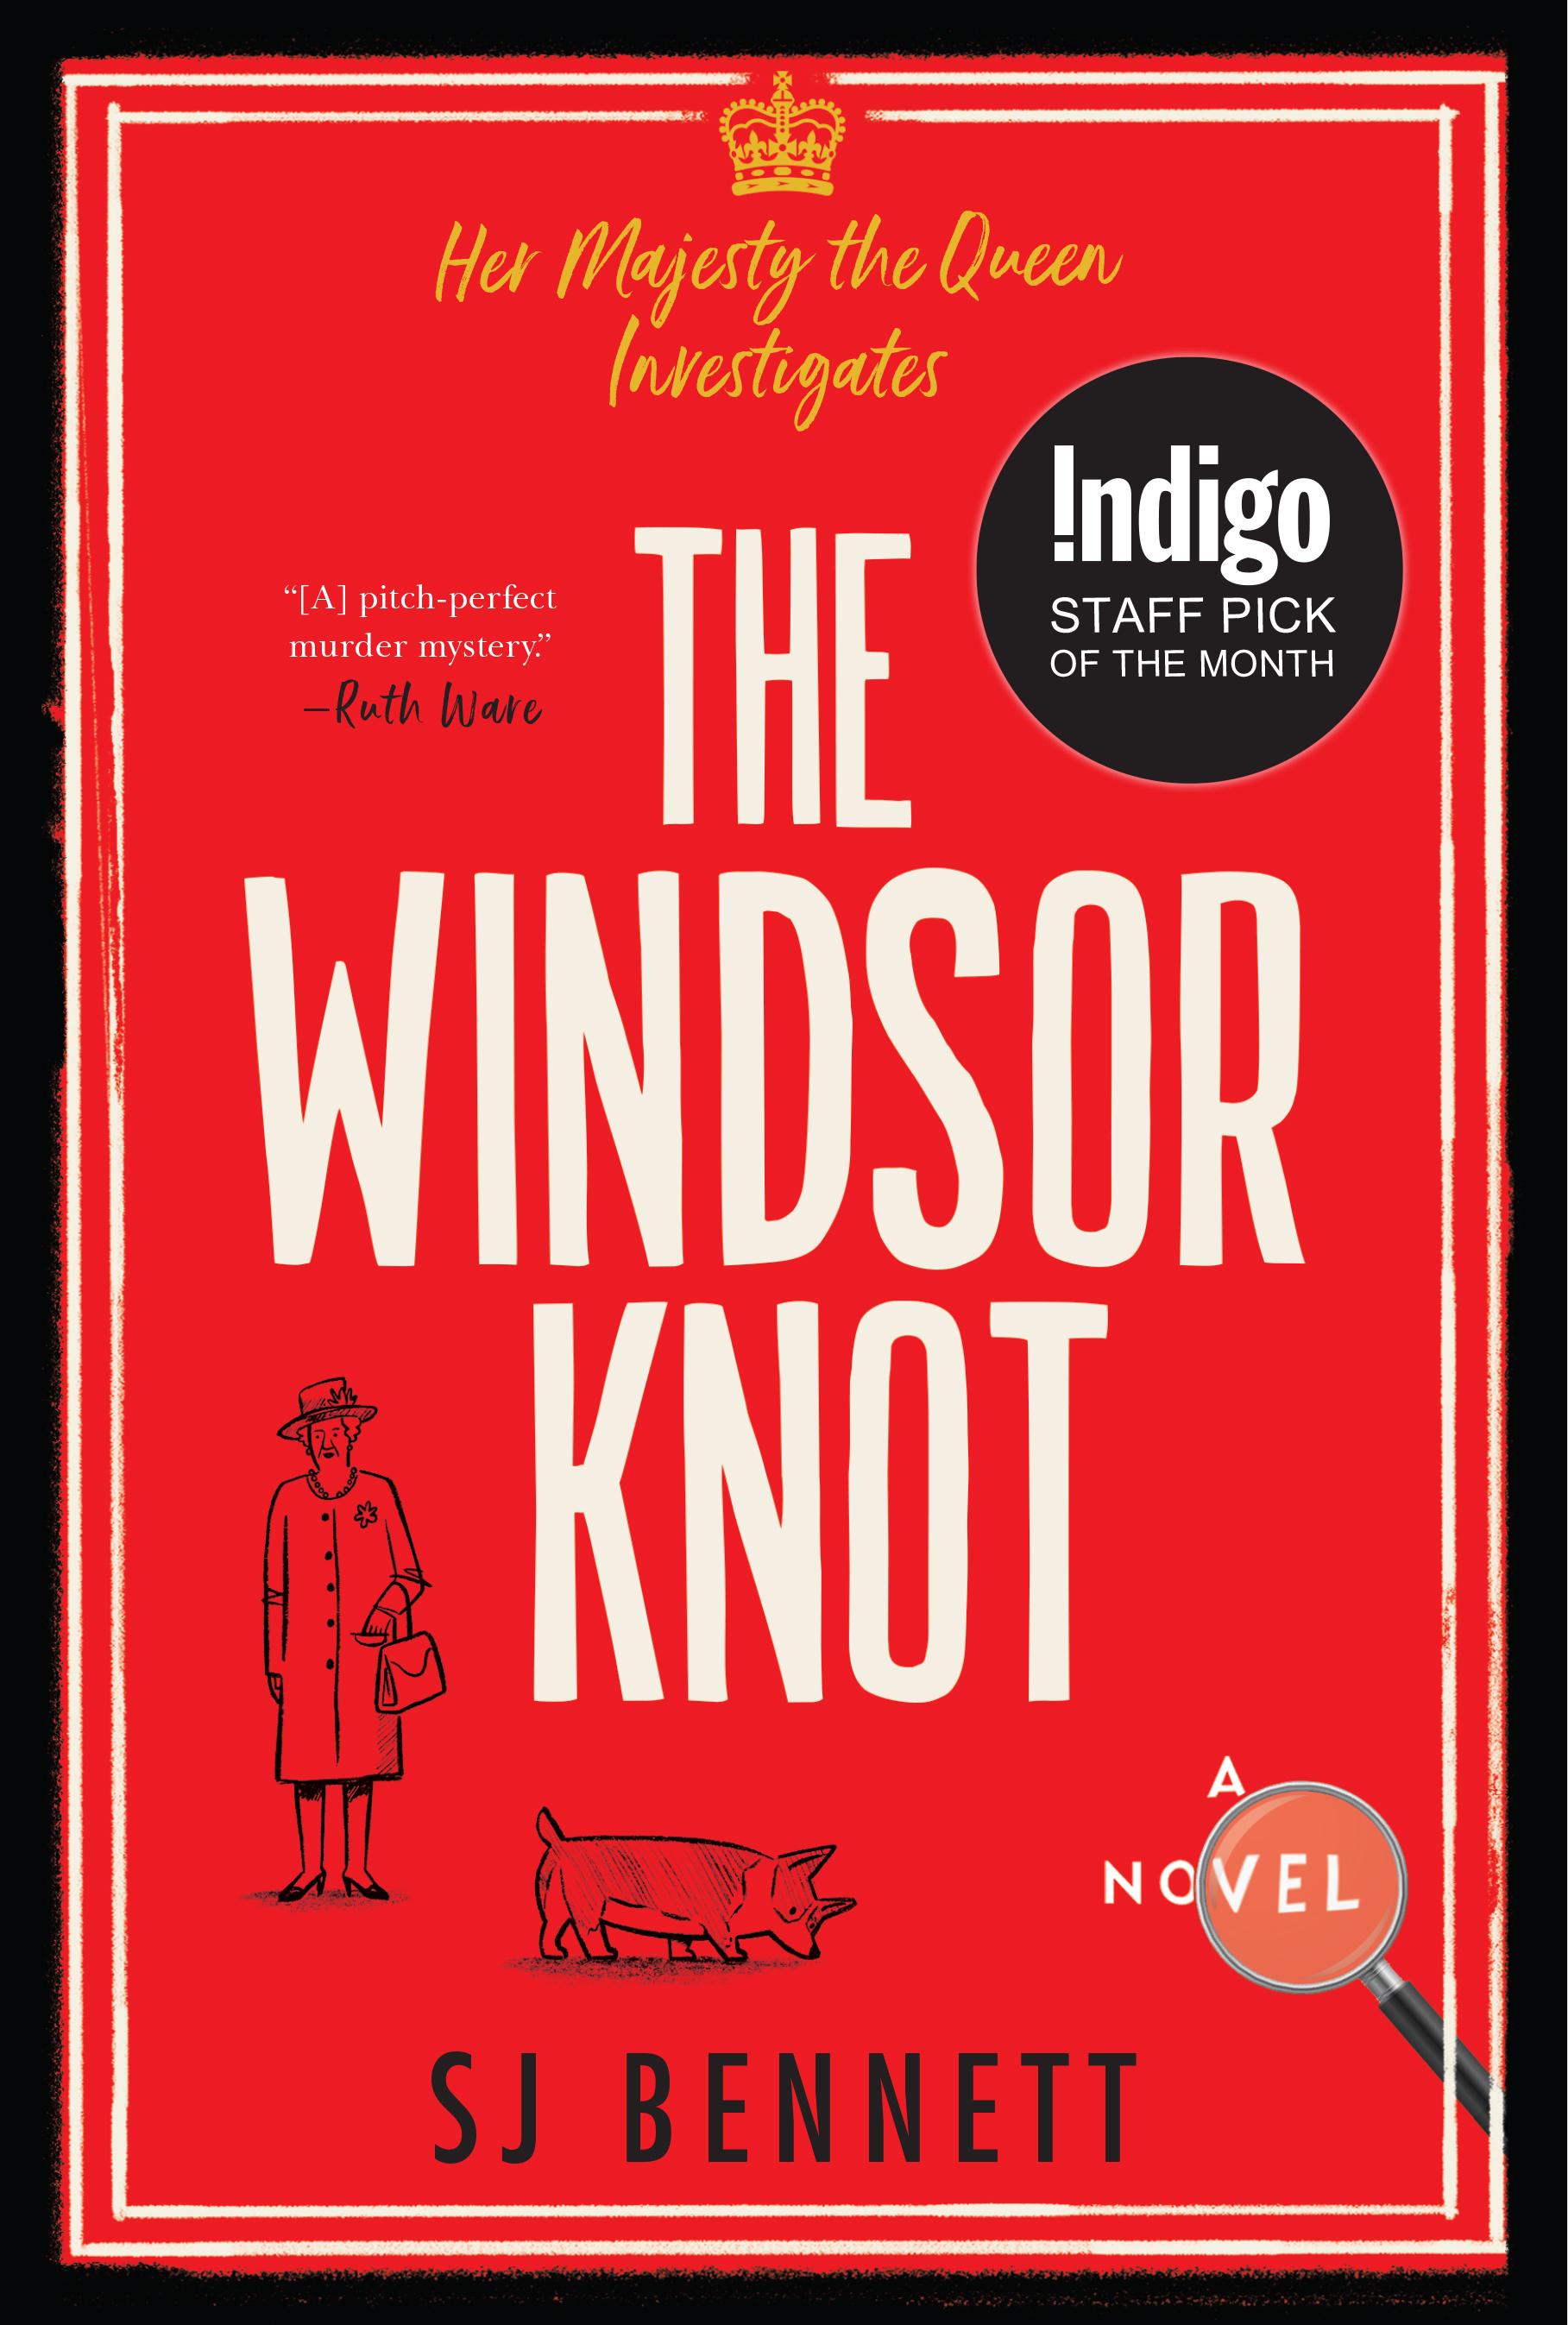 WindsorKnot-SPOTM